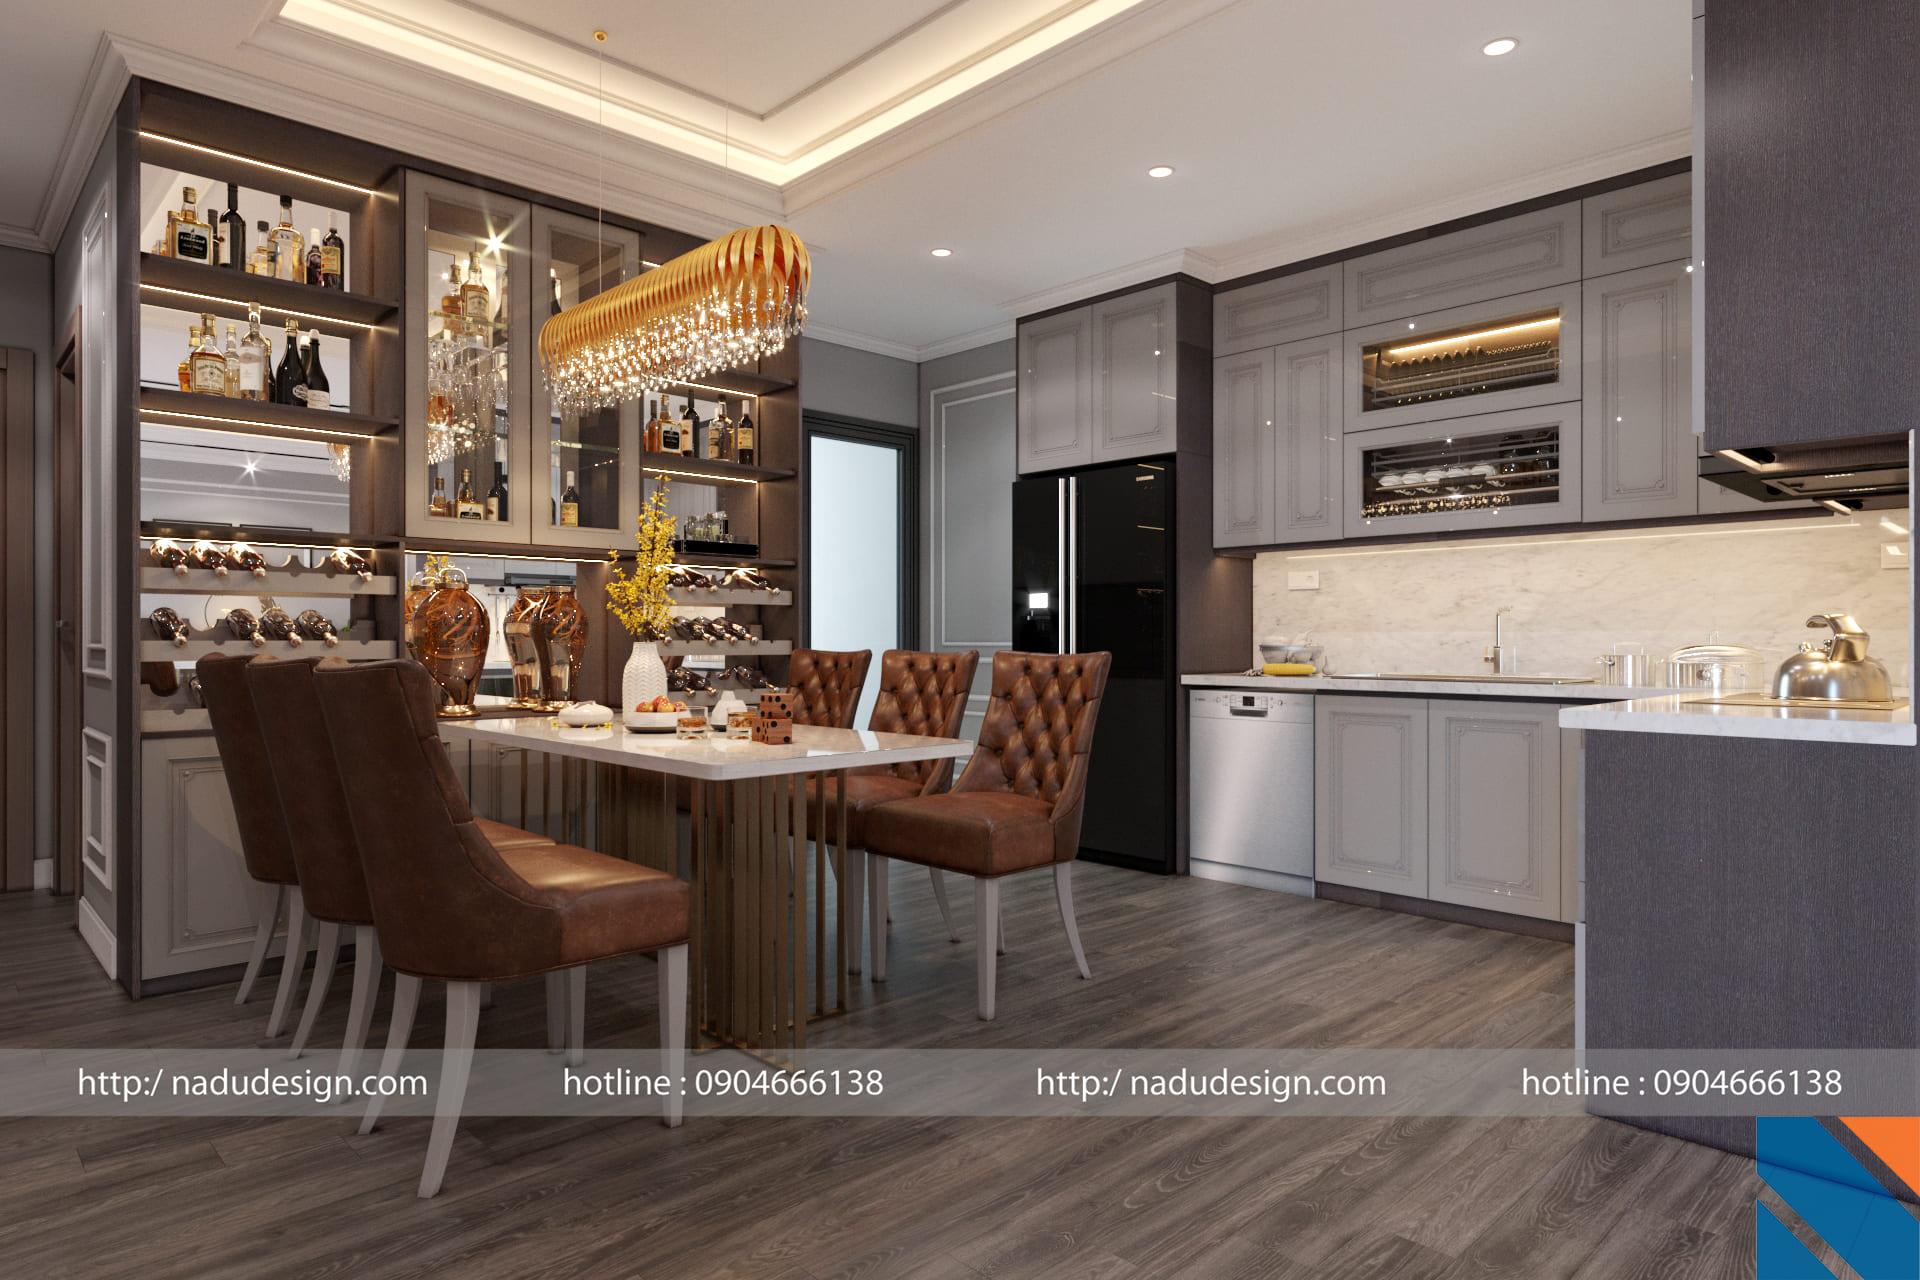 thiết kế nội thất phòng bếp nhà phố 3